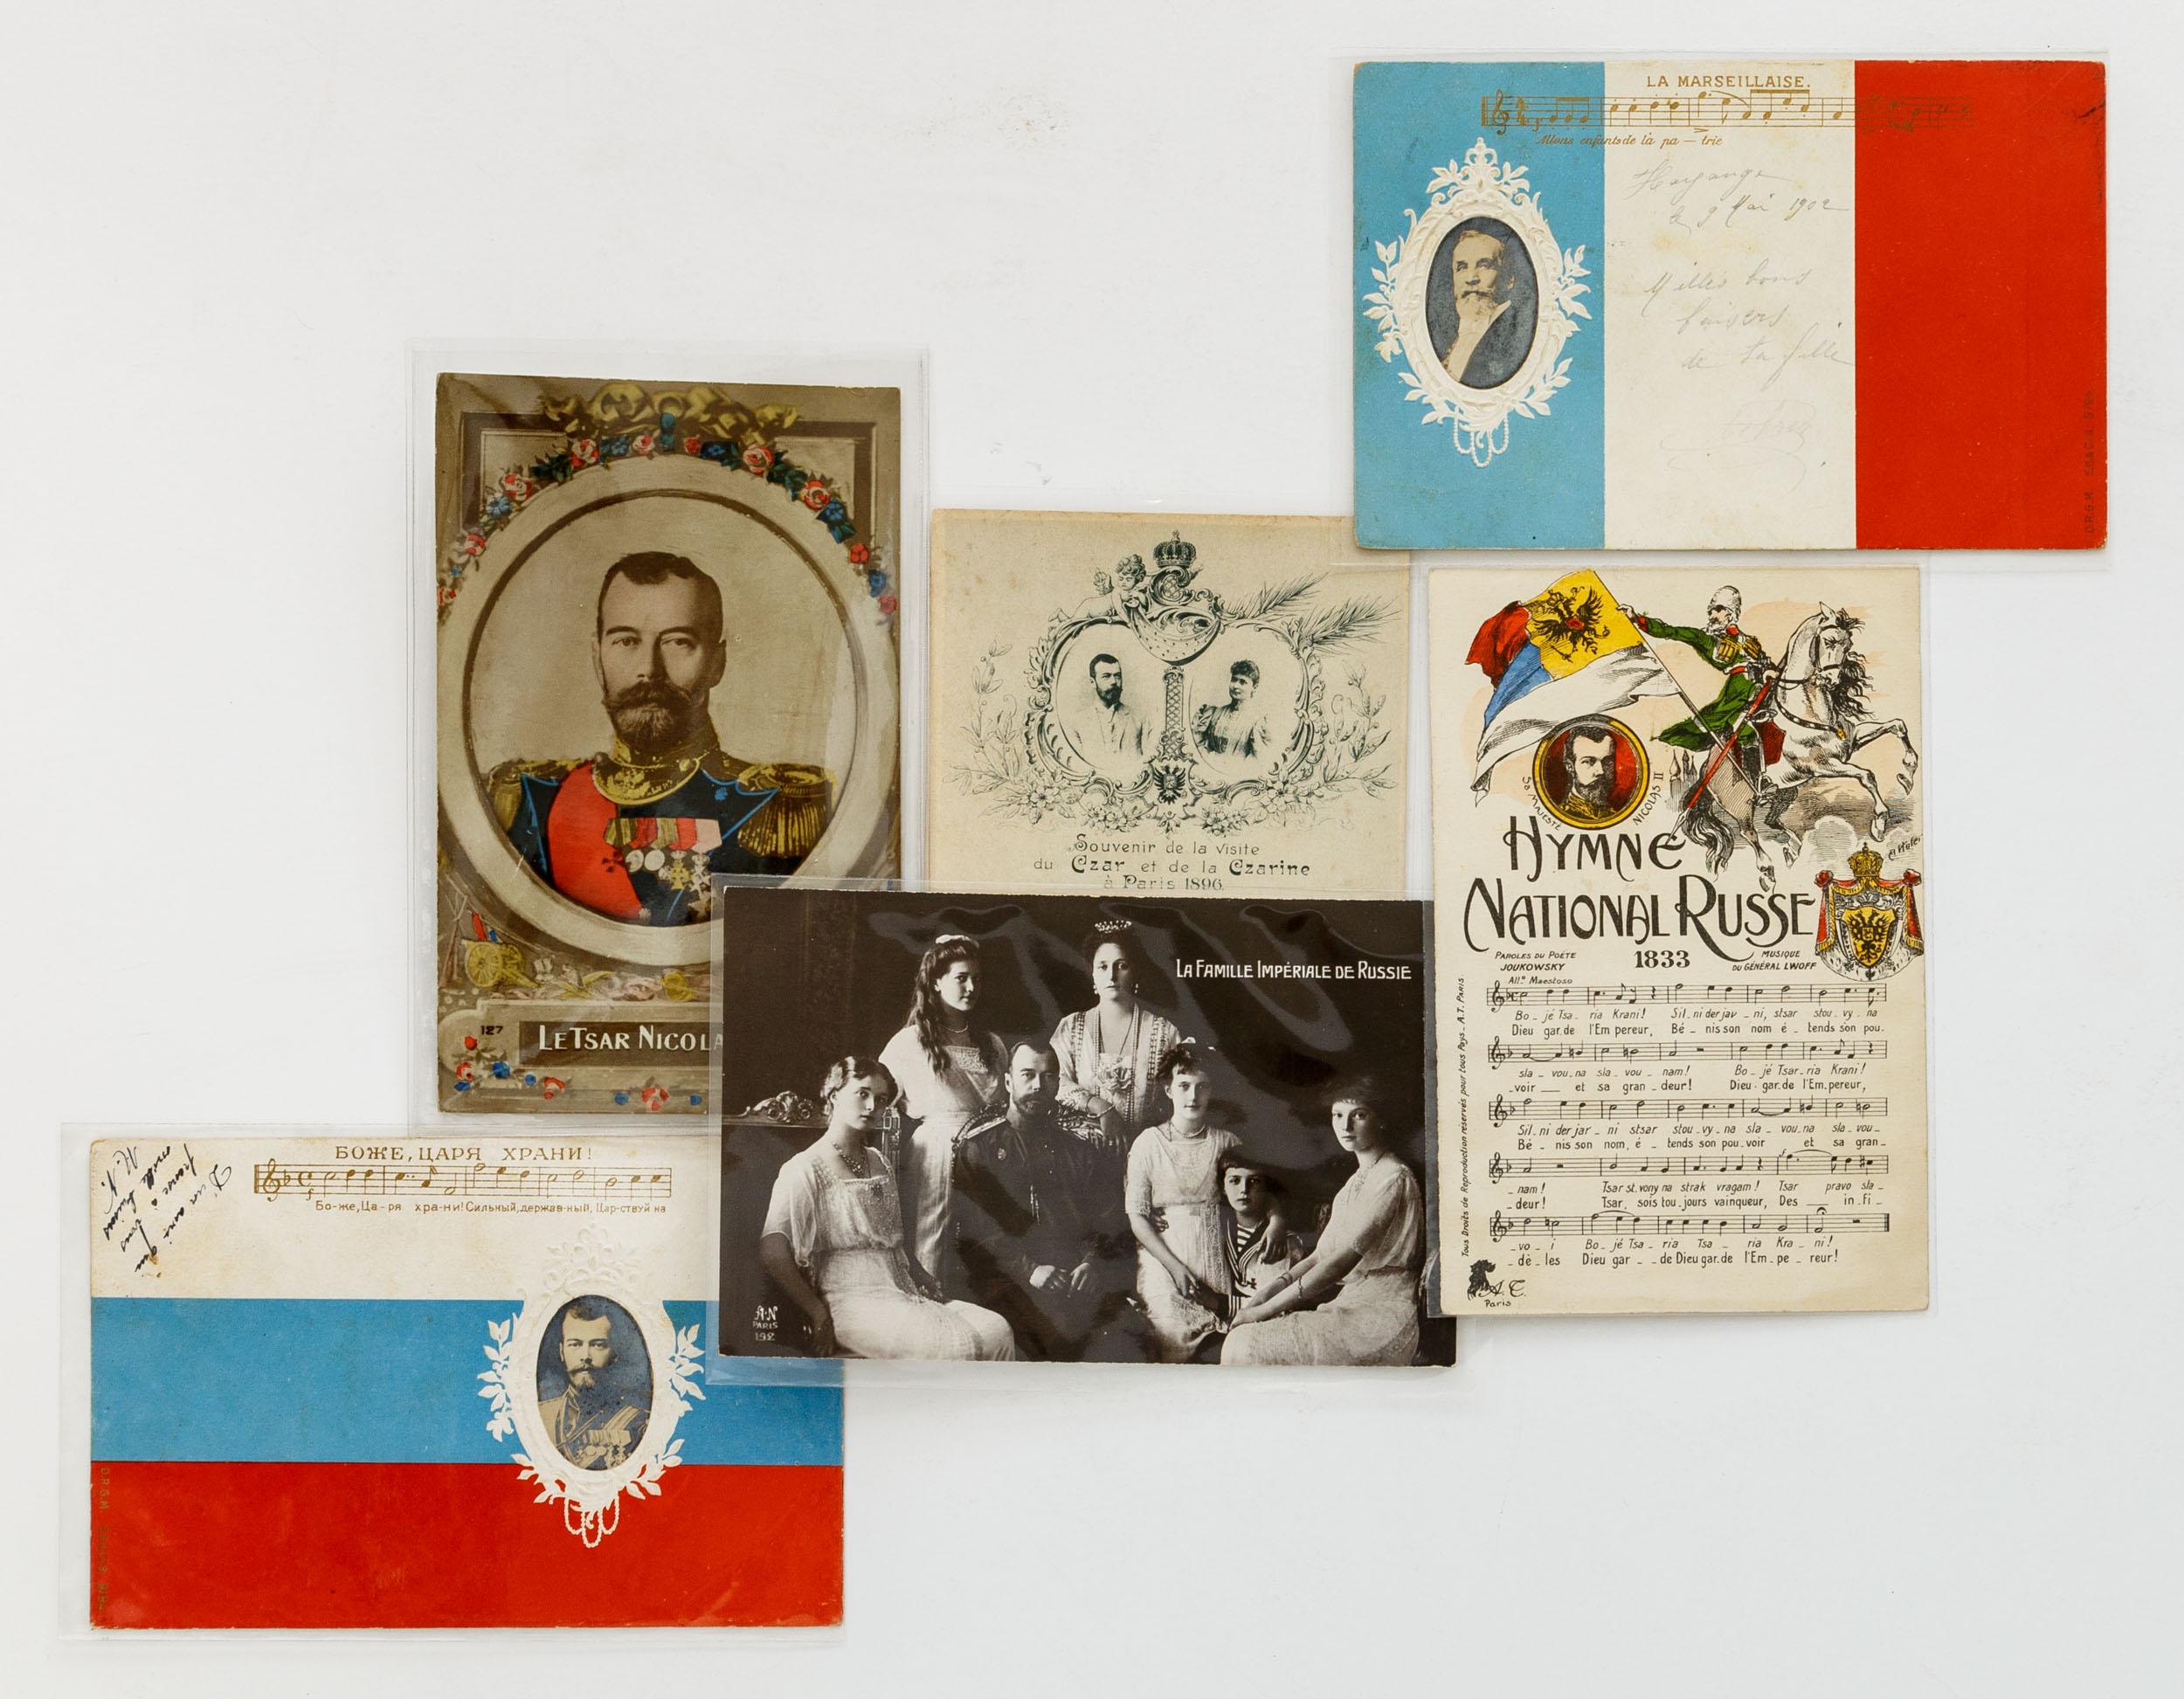 Семья николая 2 открытка, приятно картинки поздравления